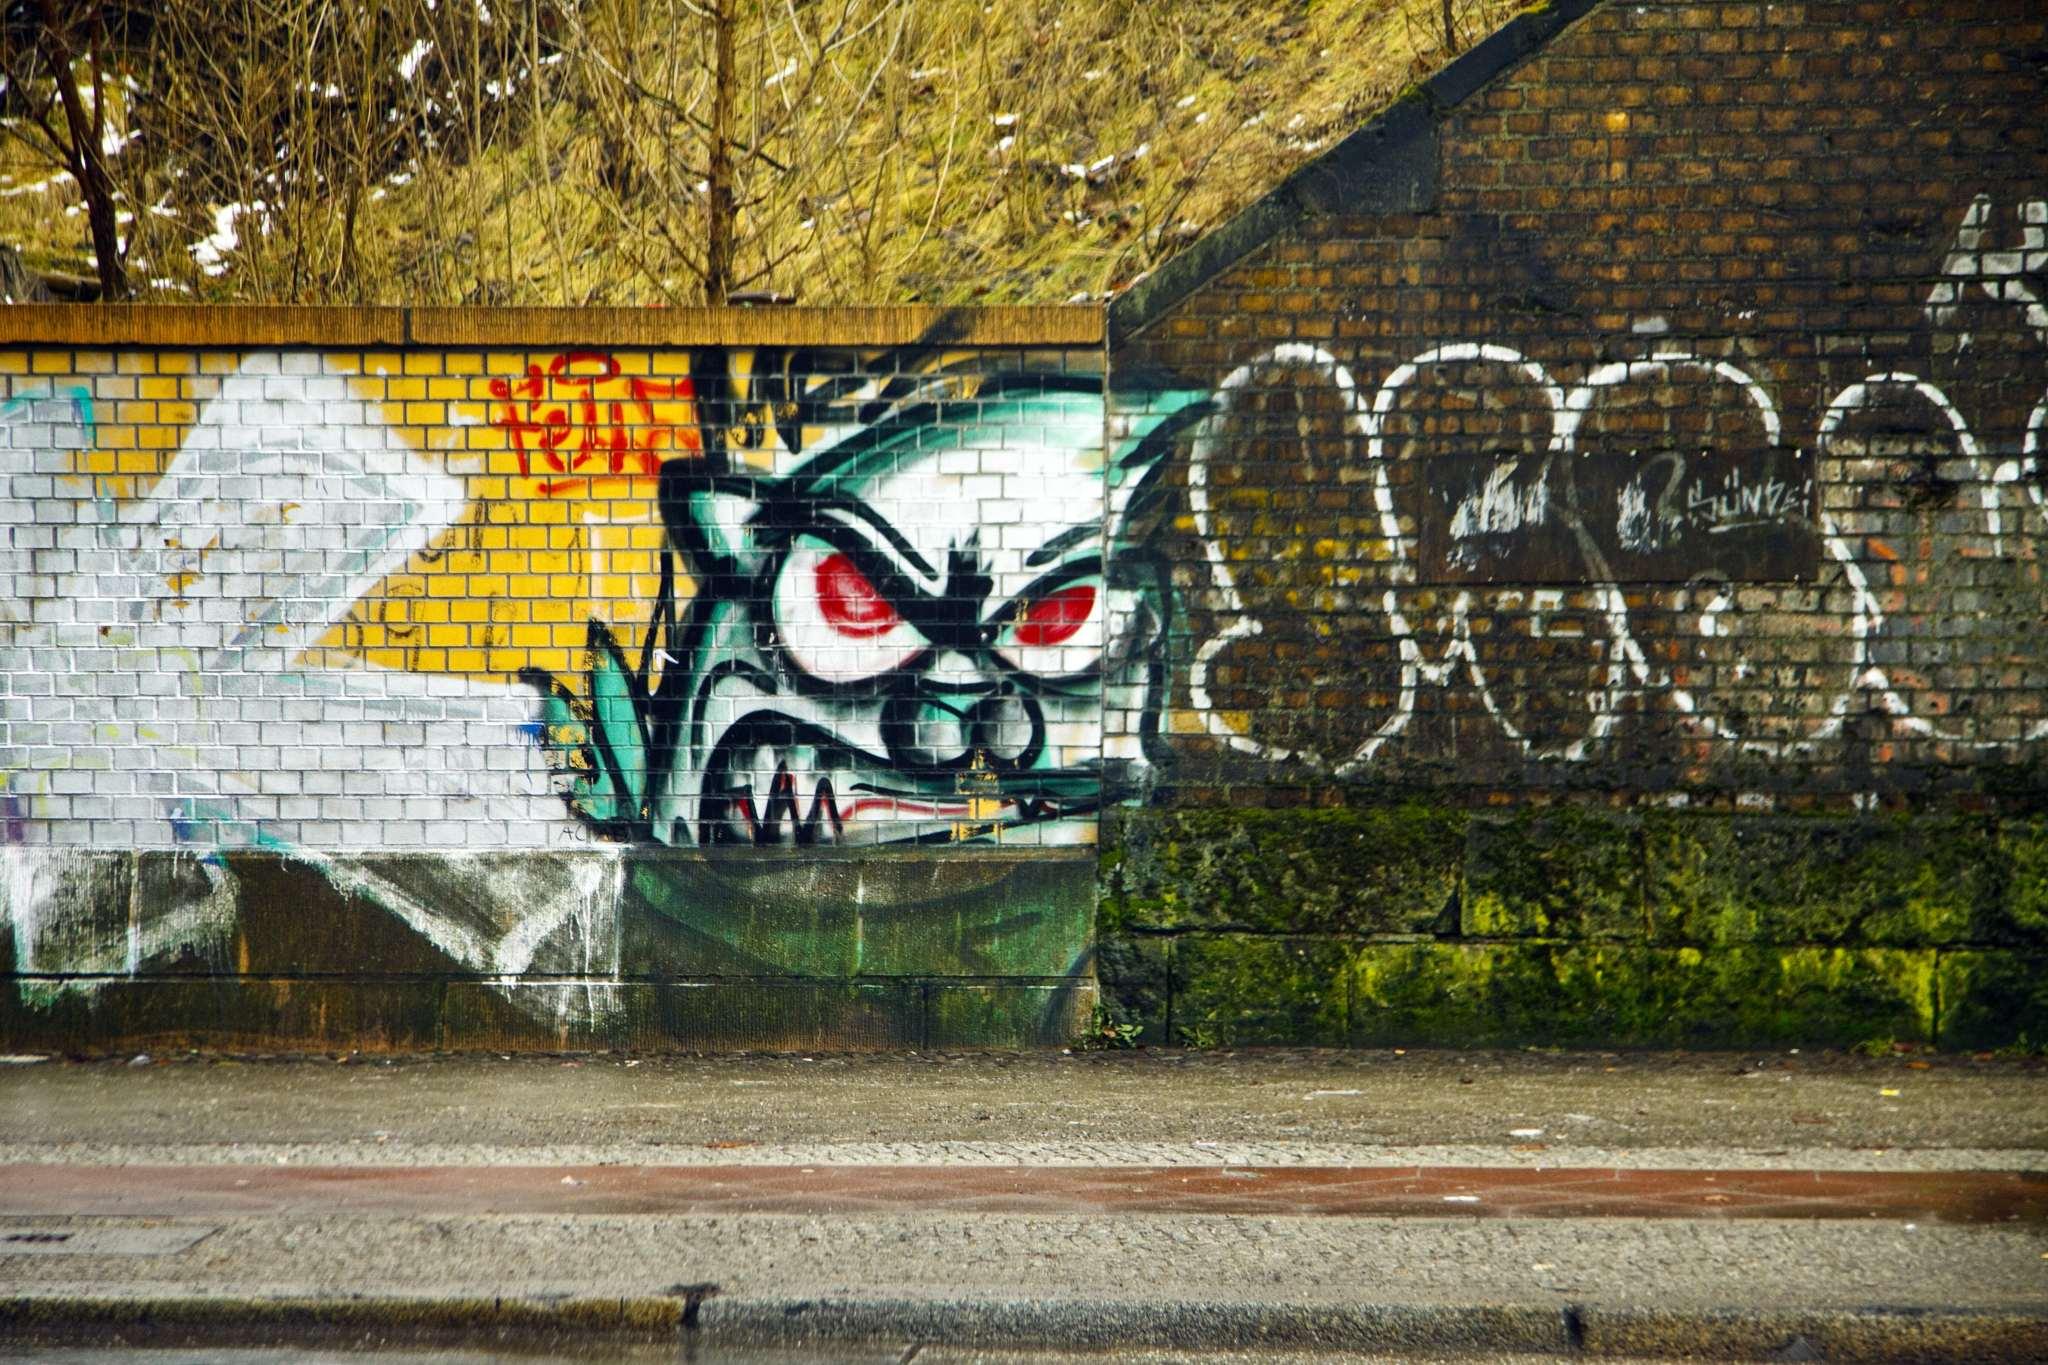 Angry wall